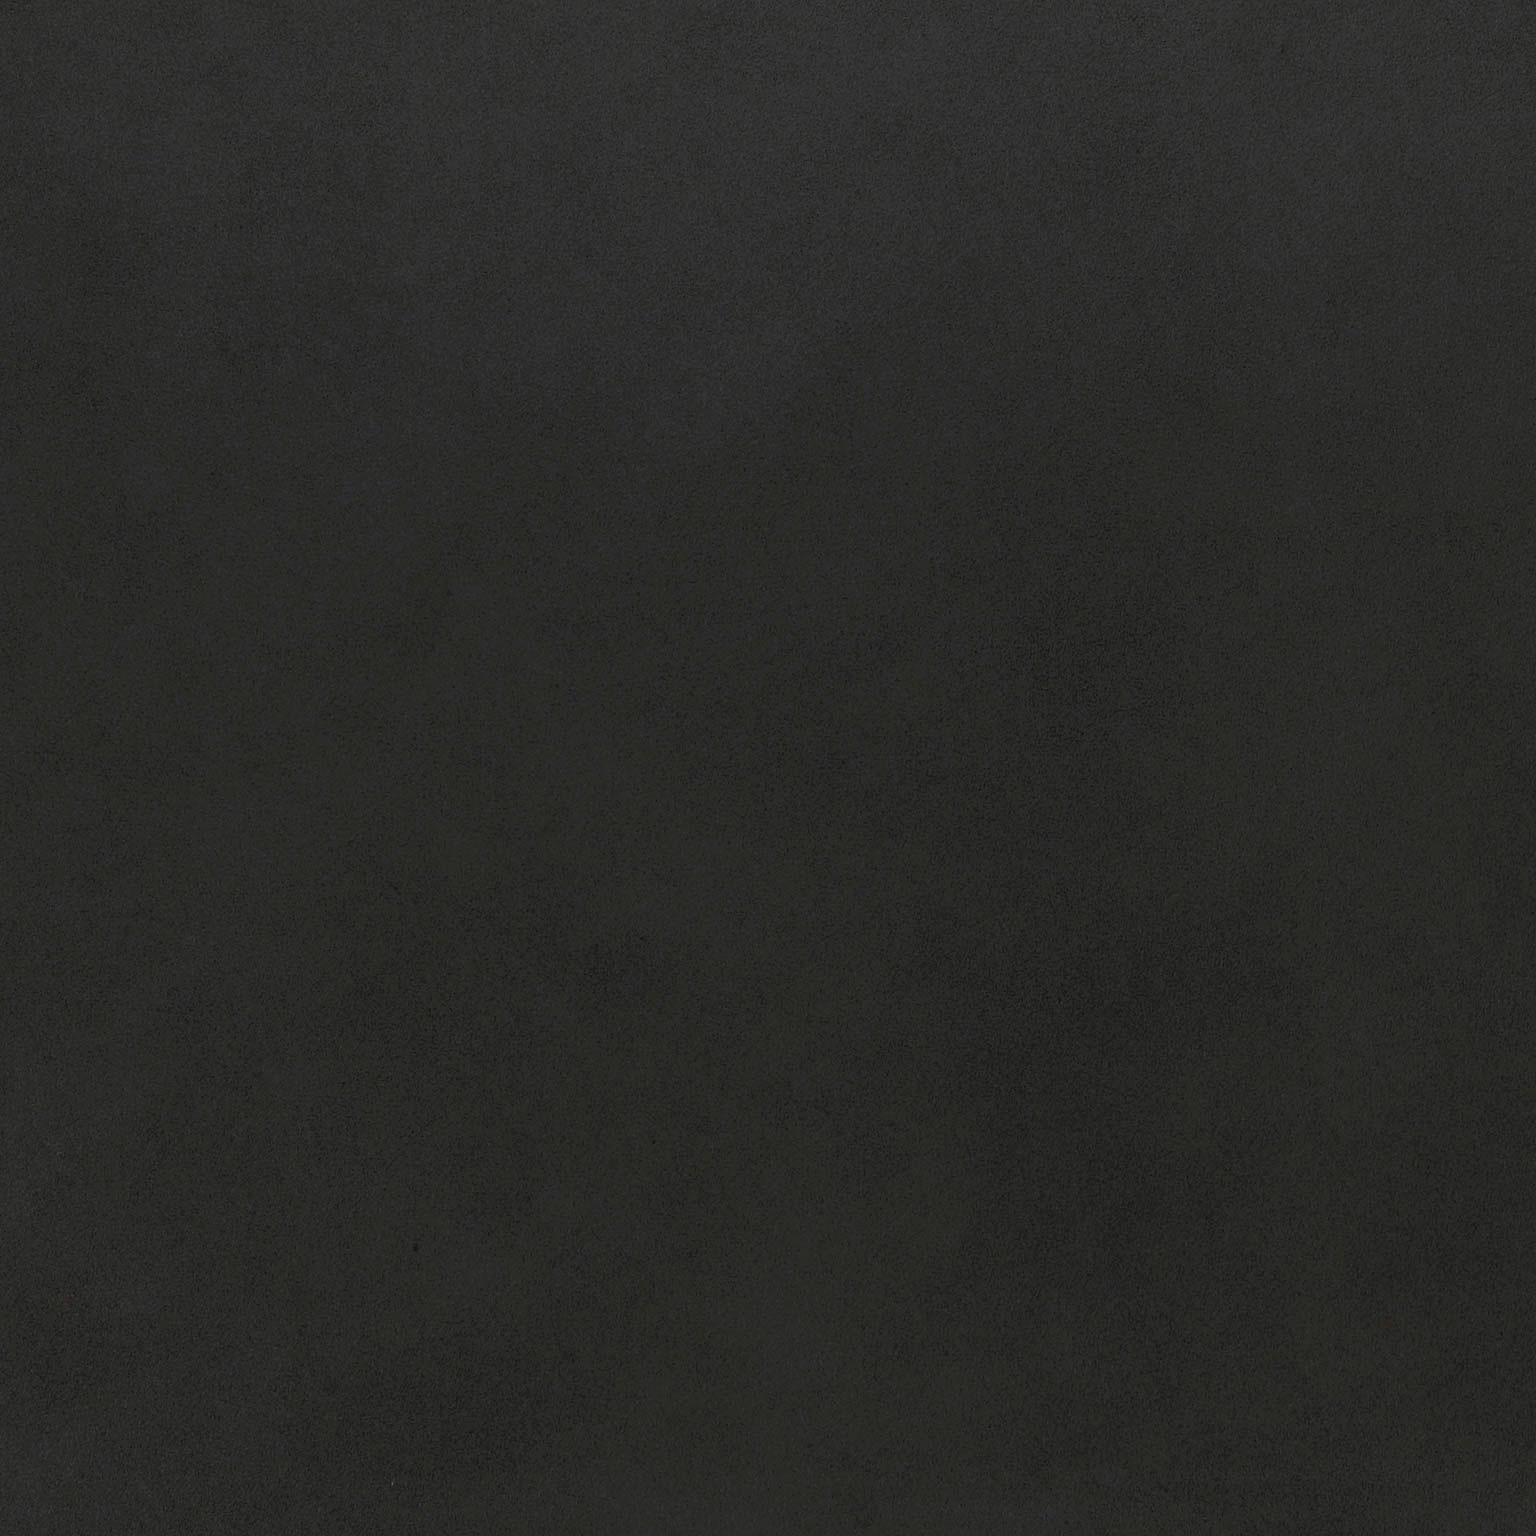 Selle cuir_c03 gris foncé